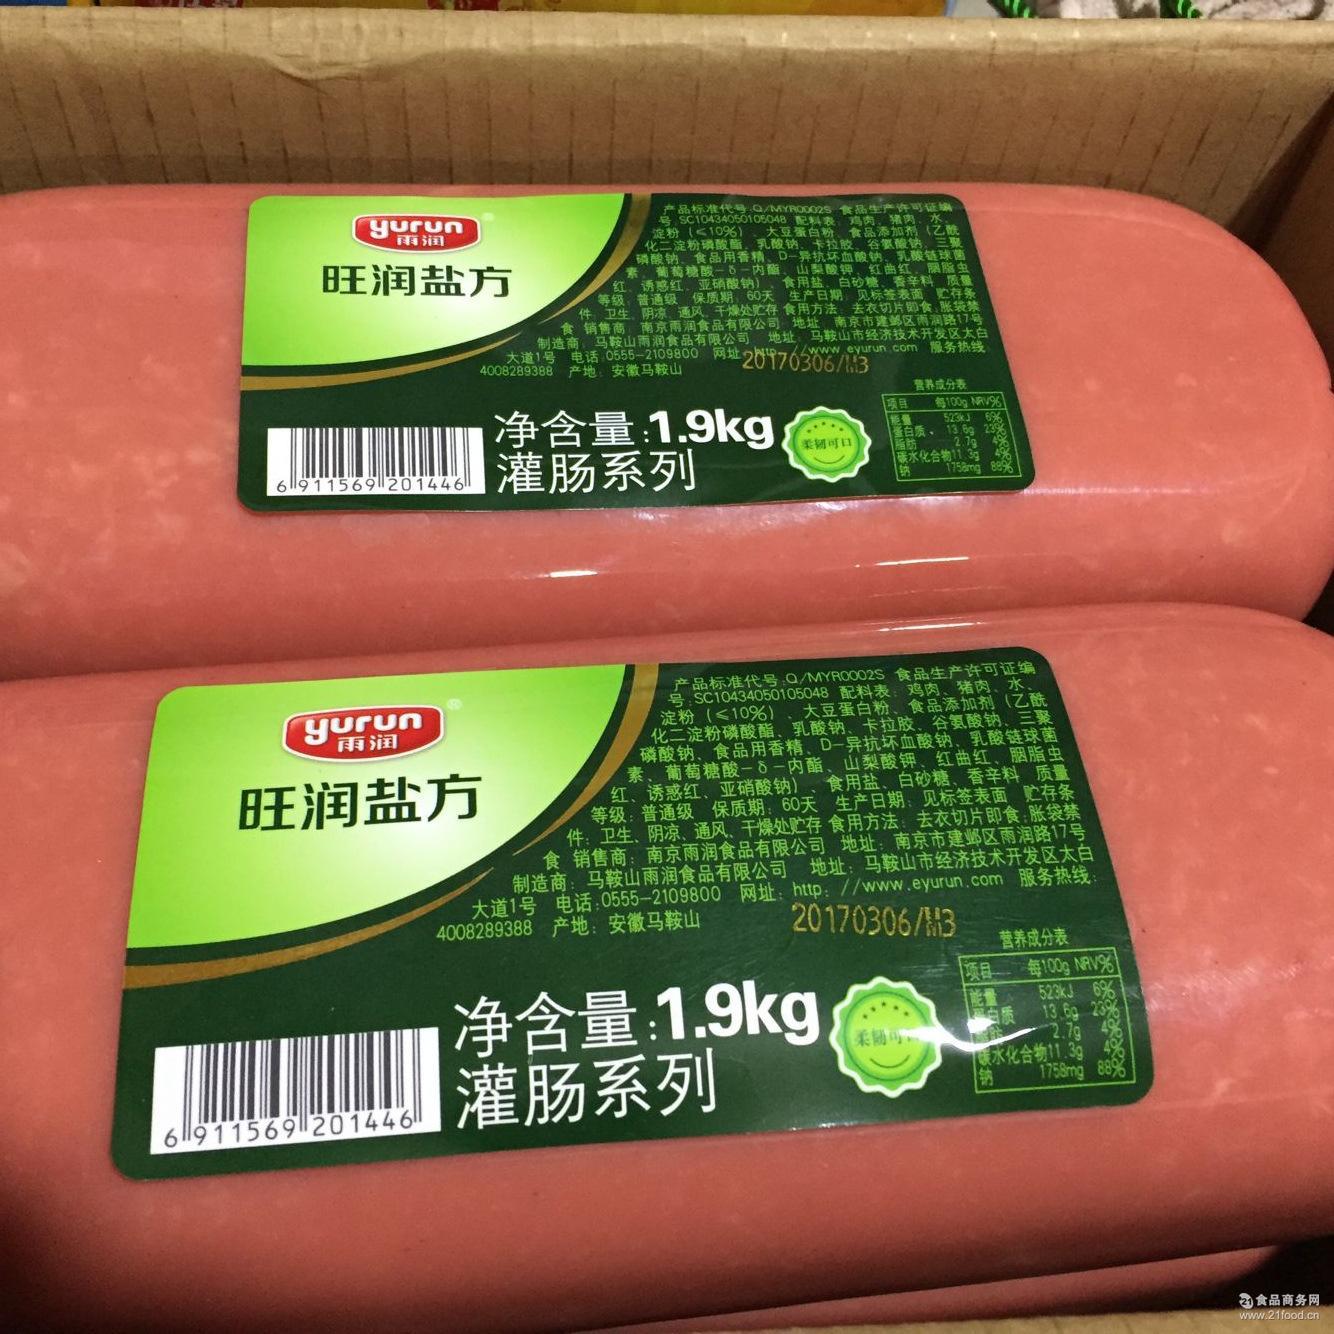 江浙沪买4条包邮 雨润食品旺润盐方灌肠系列火腿盐方1.9kg